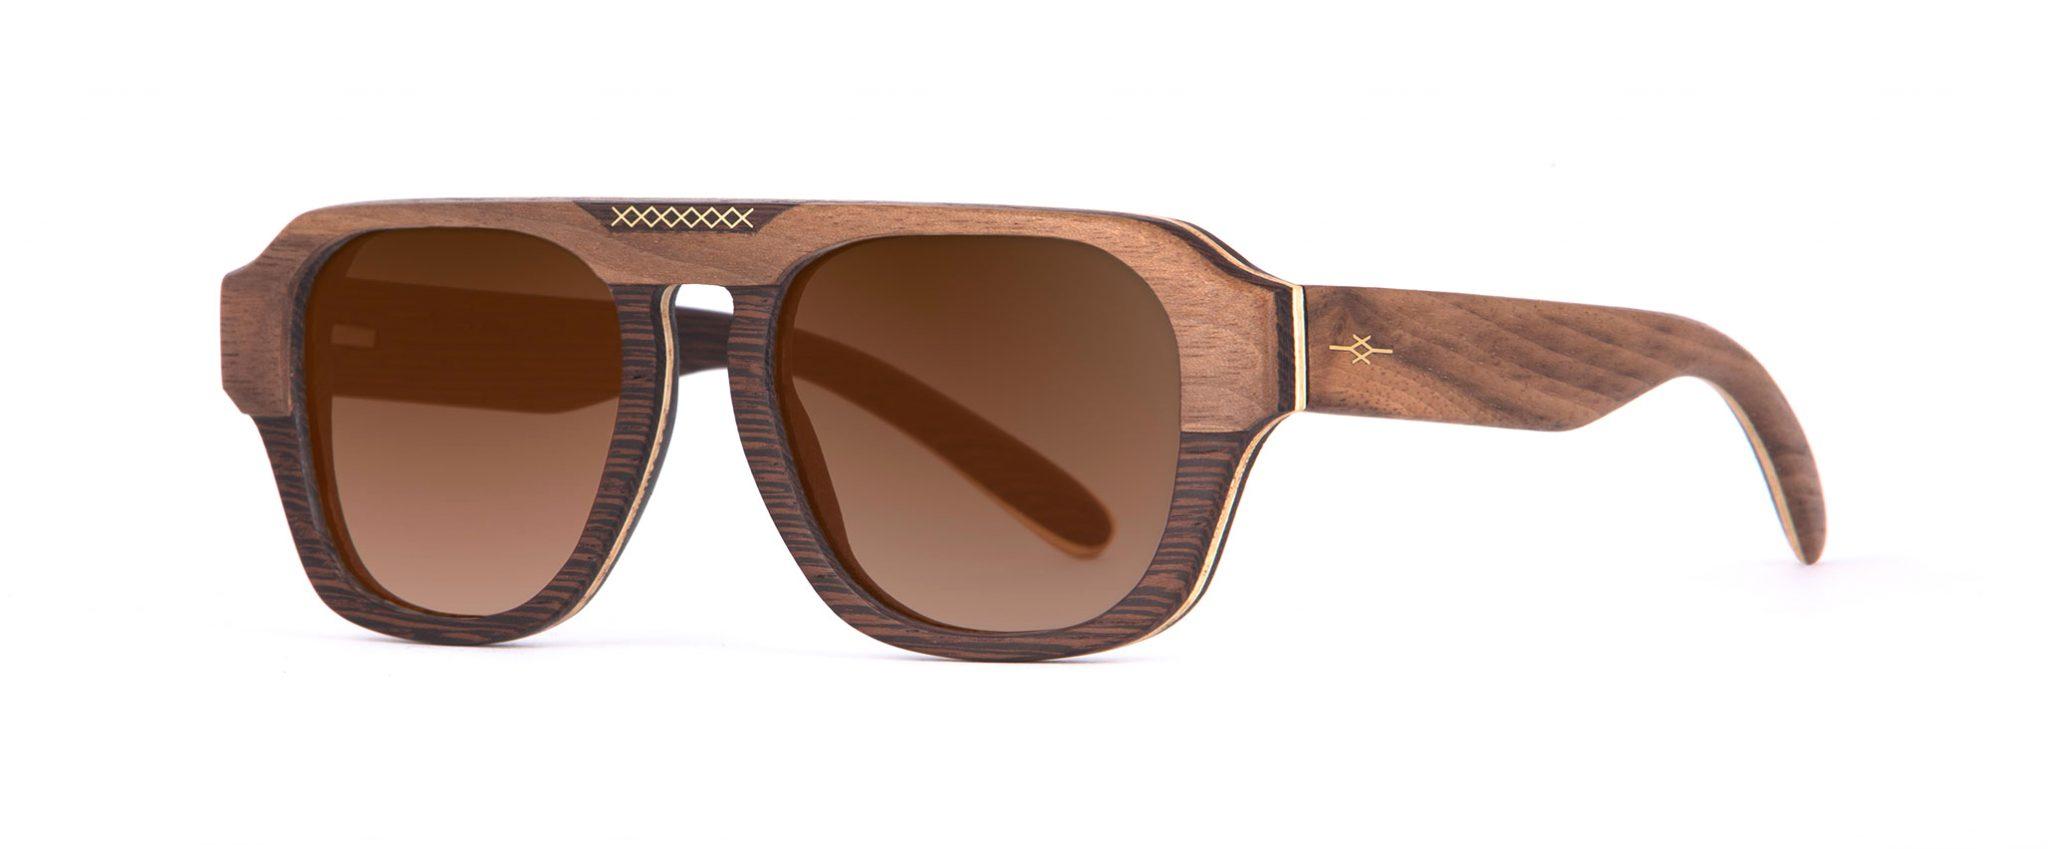 https://vakayeyewear.com/wp-content/uploads/2017/03/aberkane-unique-squared-designer-sunglasses-vakay.jpg